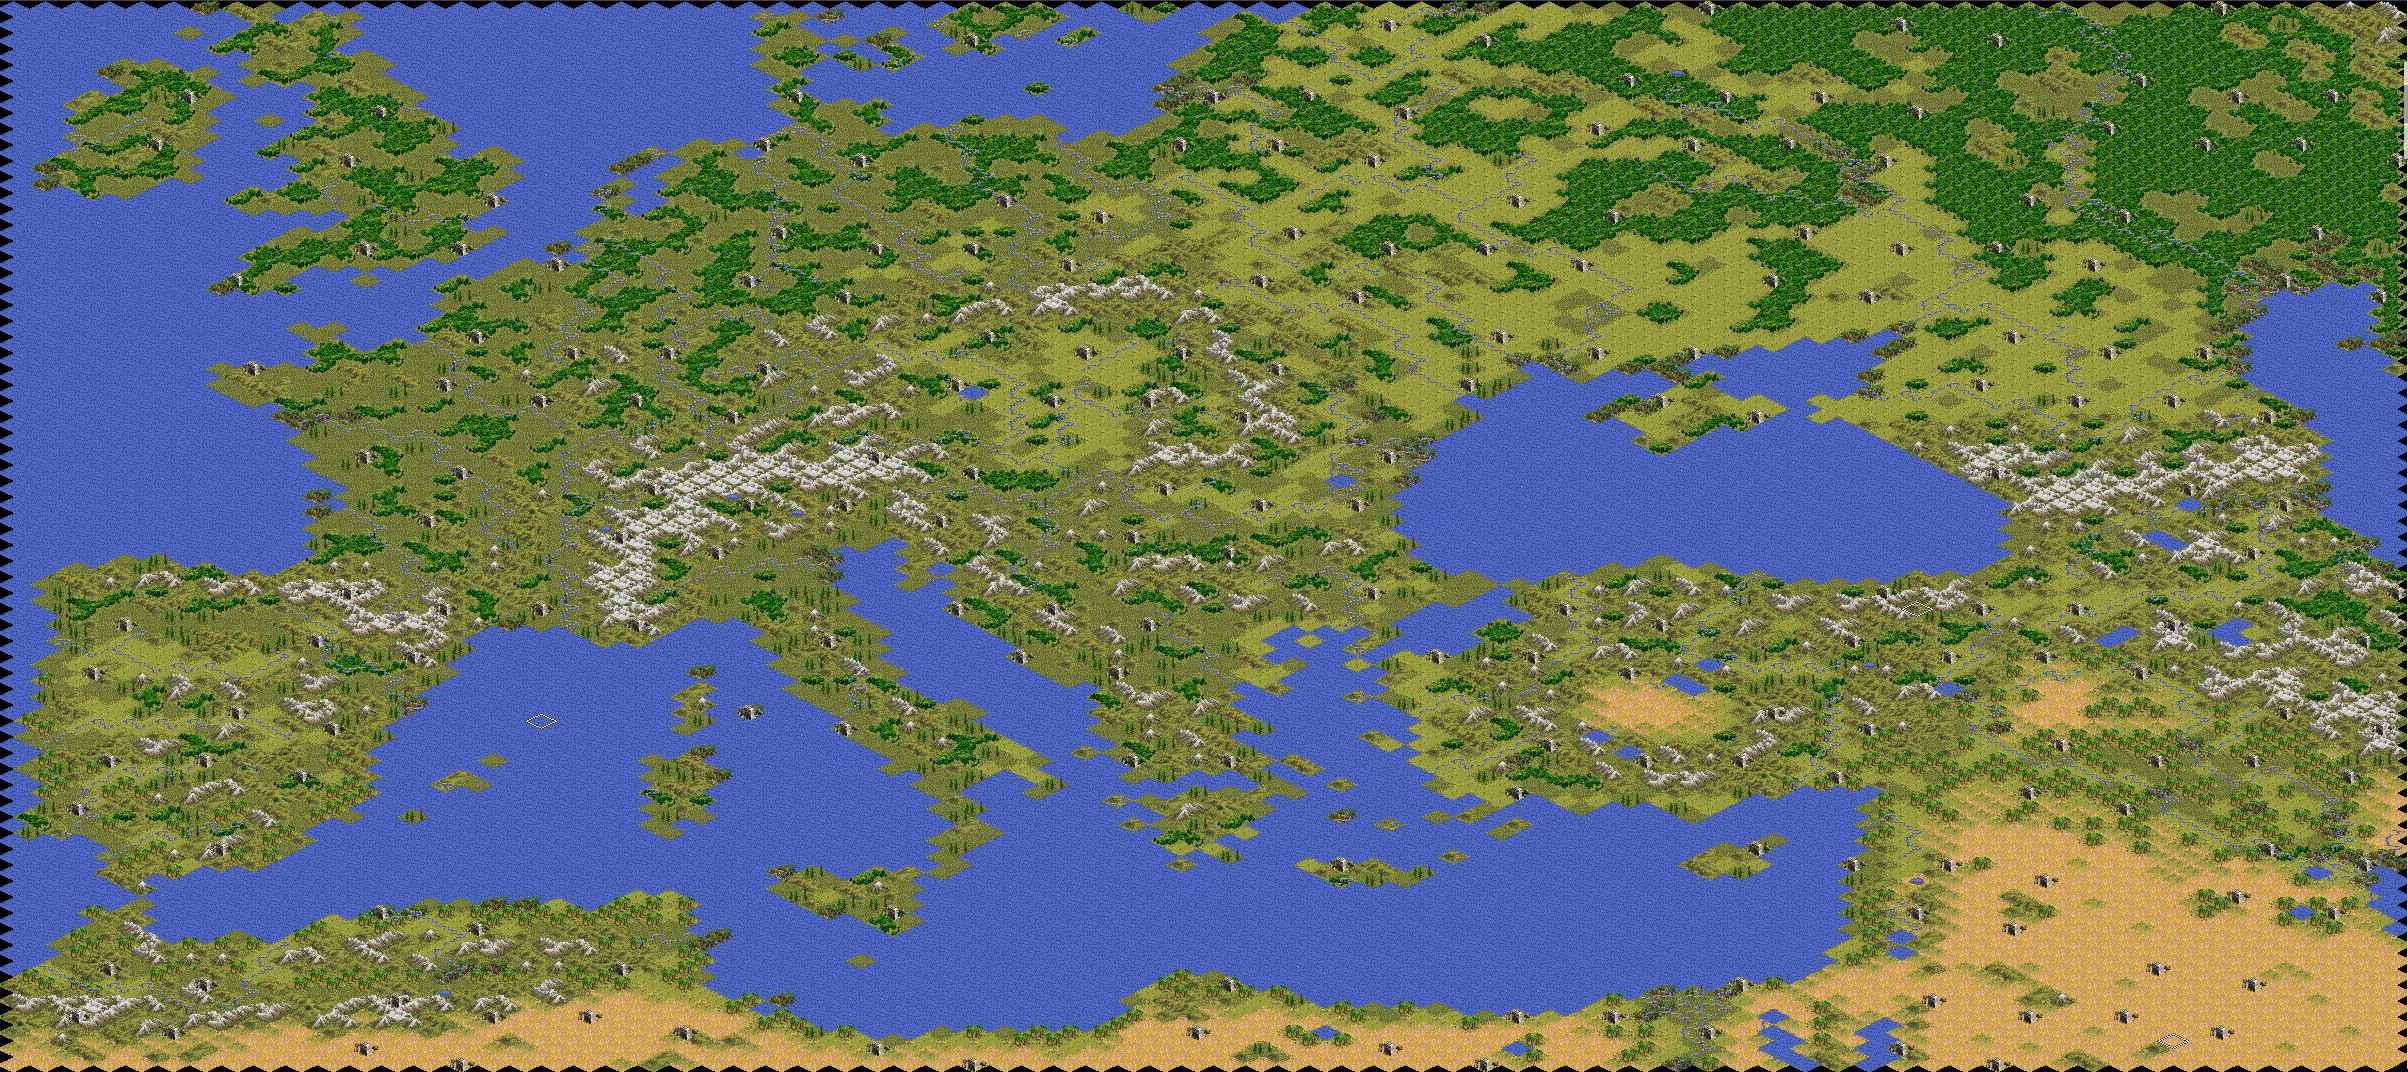 Civilization ii medieval scenarios civfanatics h1oly gumiabroncs Images